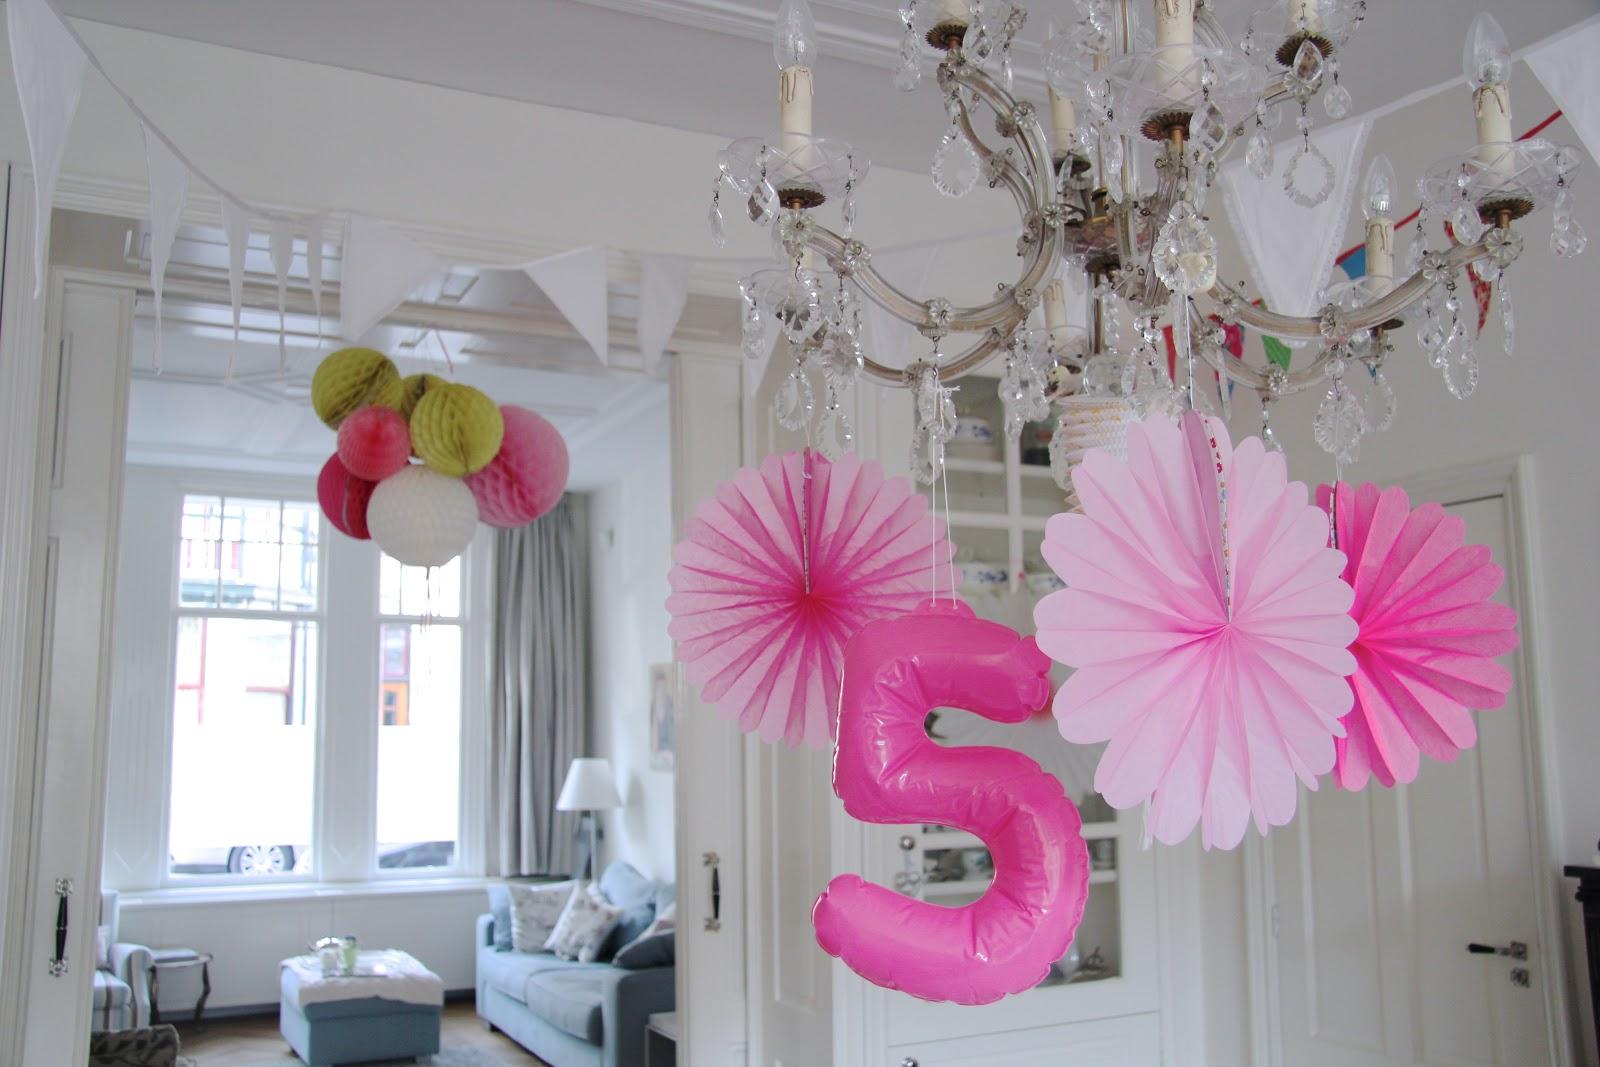 Iridee n let 39 s dance - Decoracion cumpleanos adultos en casa ...